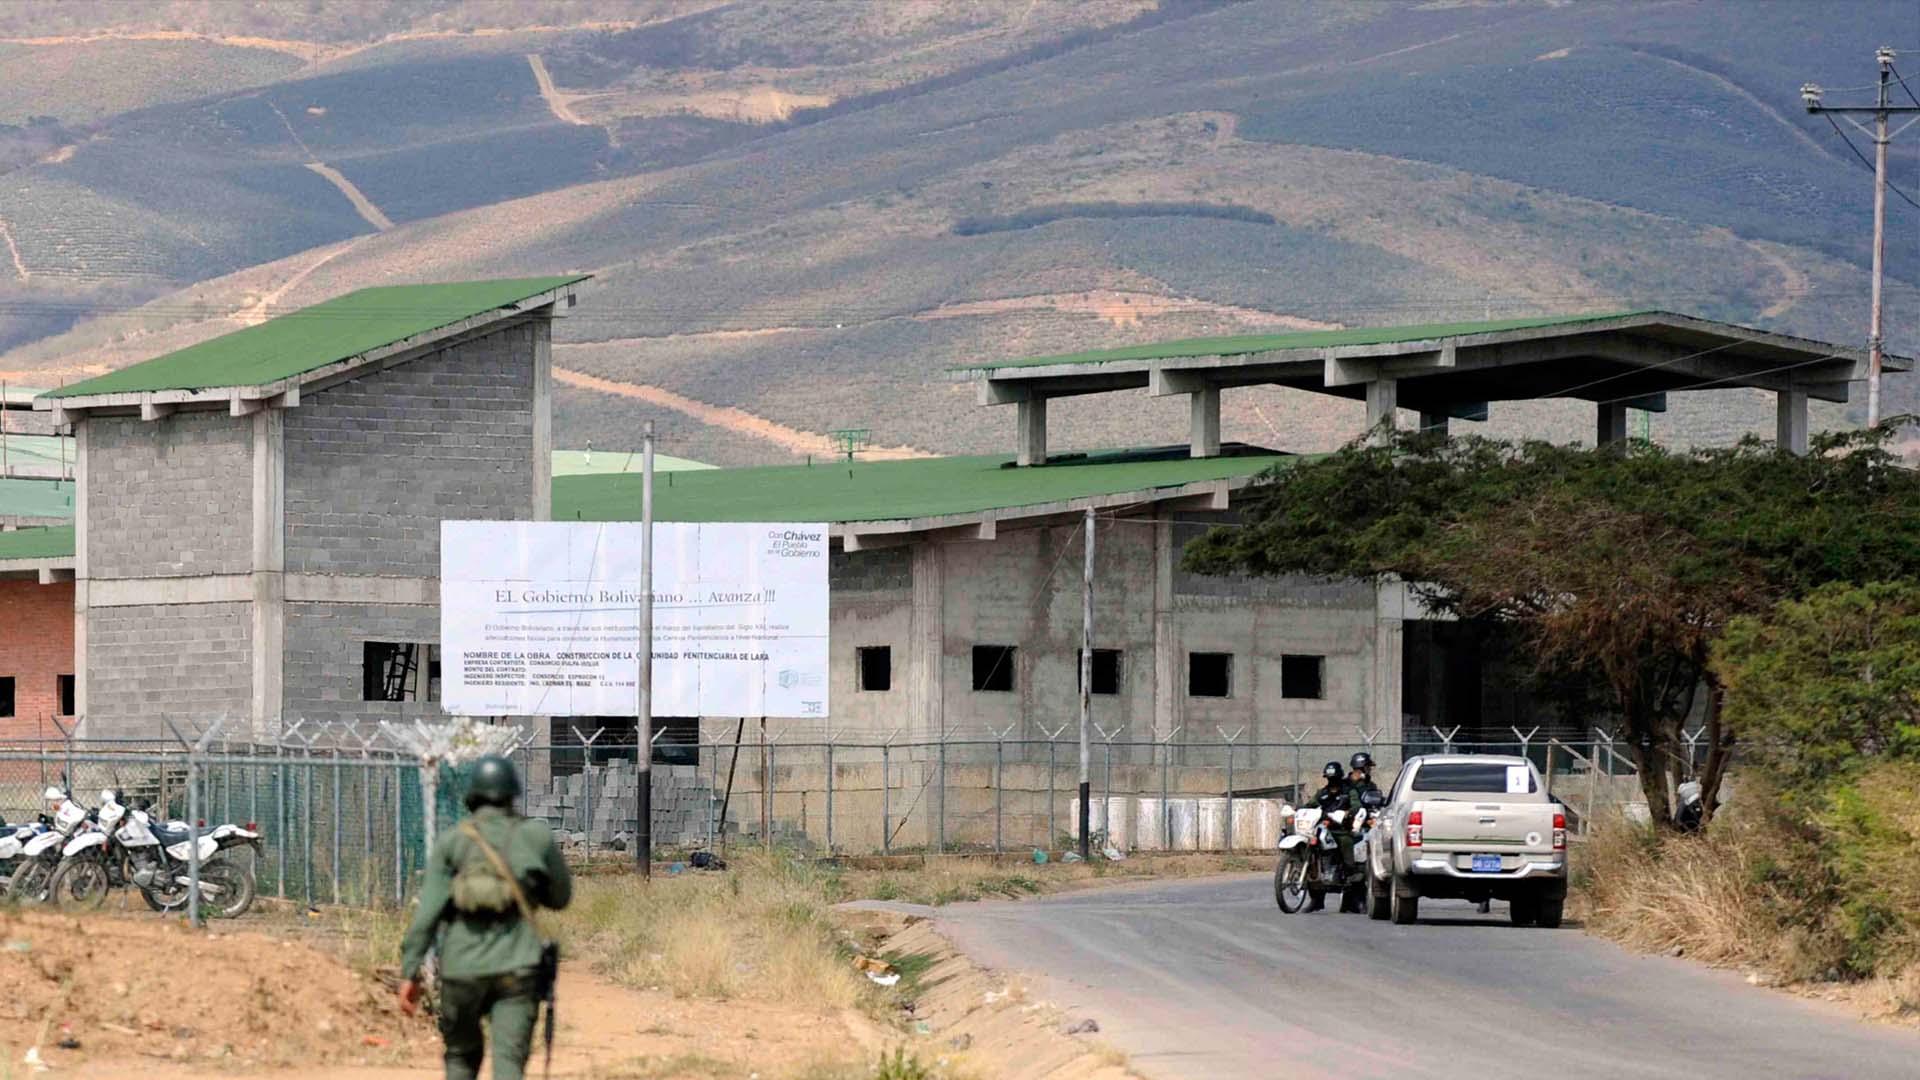 Investigan a un funcionario del Ministerio para Servicios Penitenciarios por permitir el acceso de armas explosivas al recinto